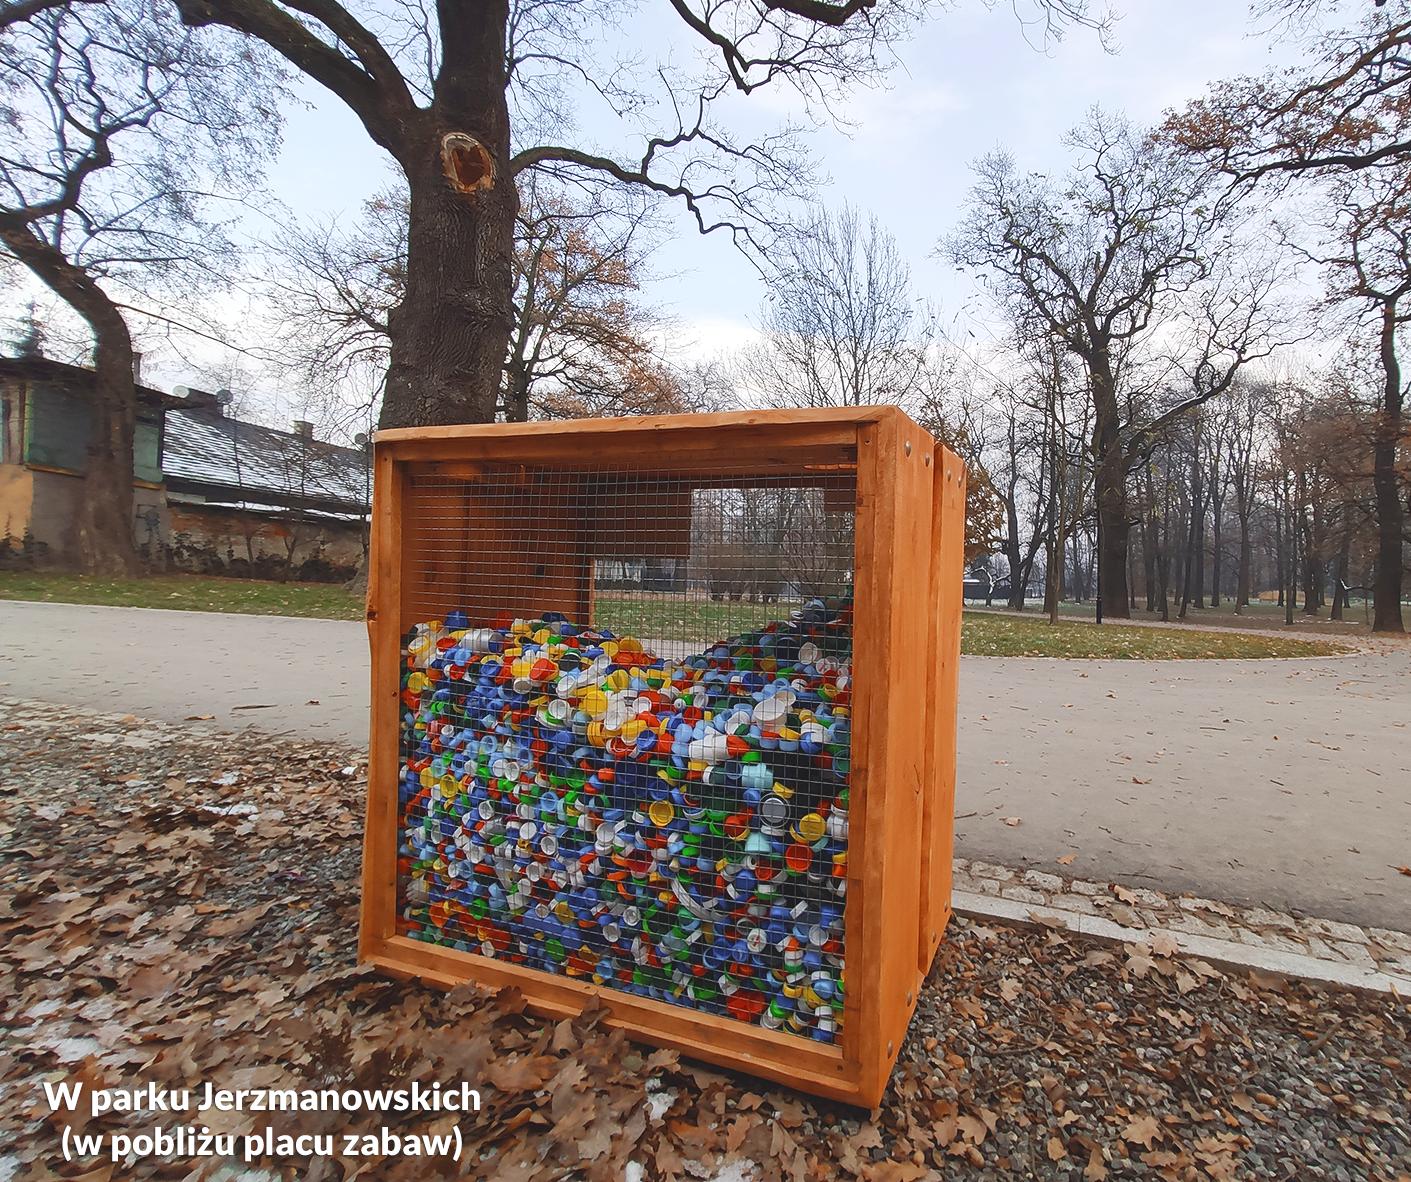 Zdjęcie przedstawiające drewnianą skrzynię na plastikowe nakrętki w parku Jerzmanowskich - akcja charytatywna CEE Symbioza